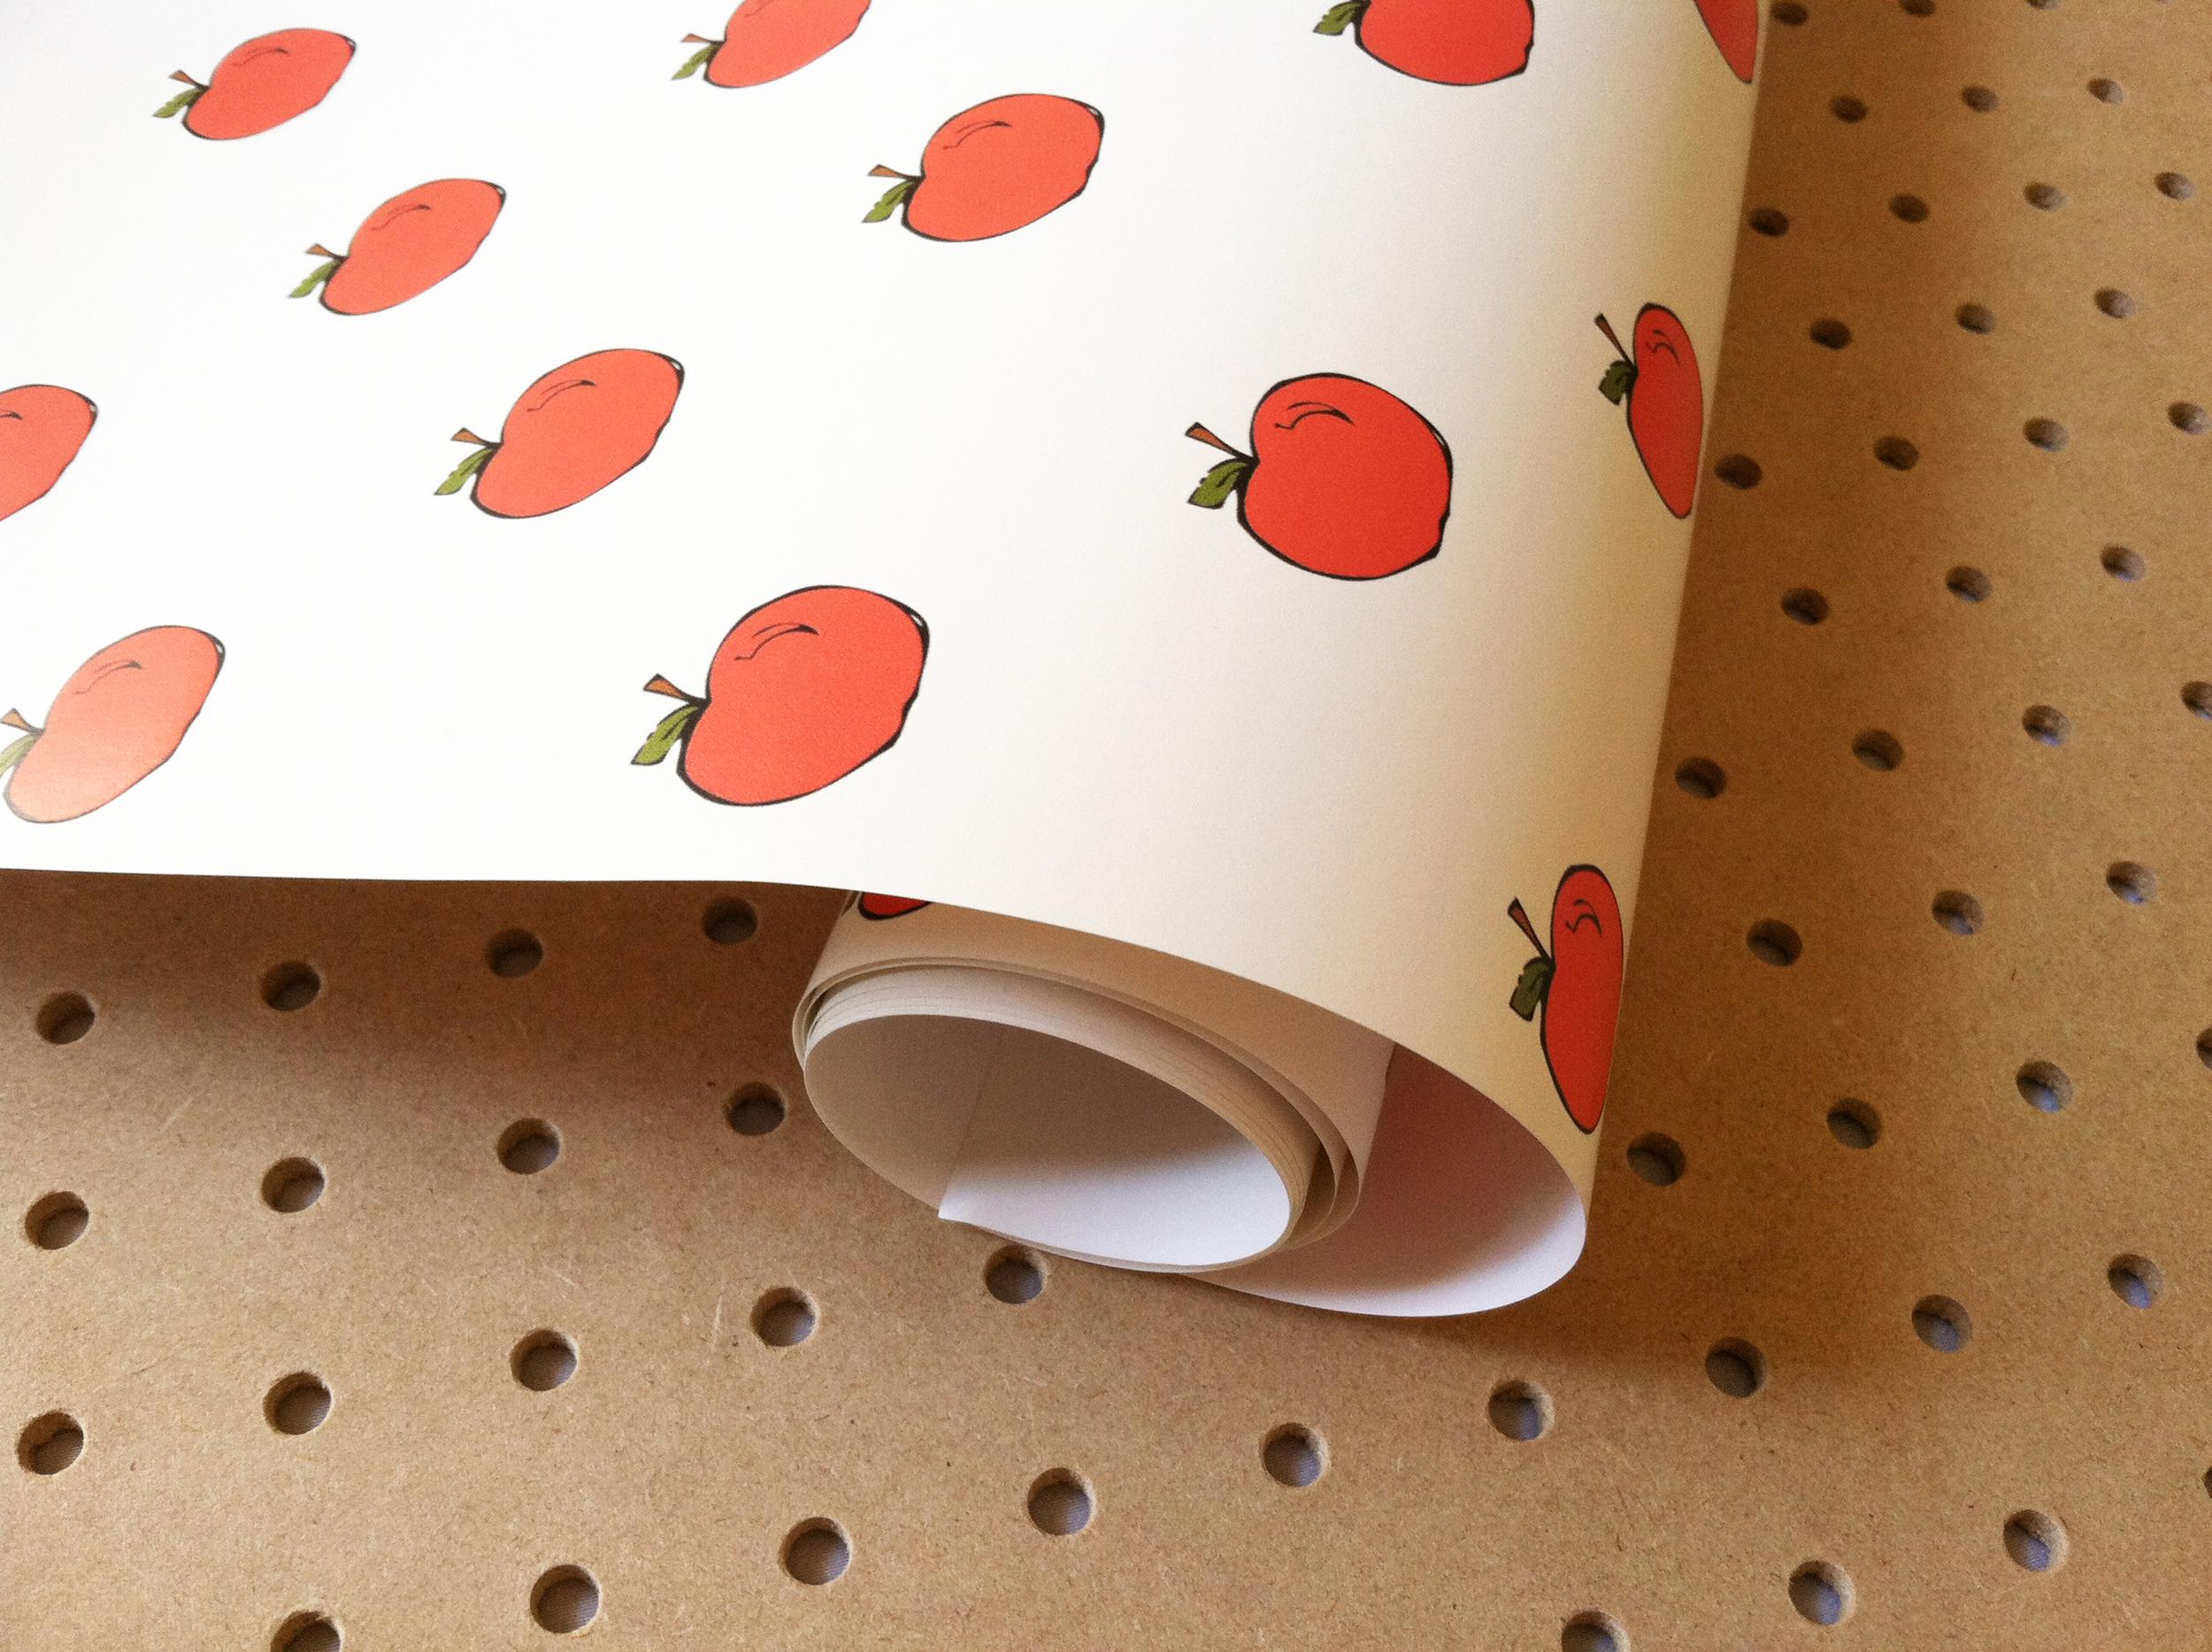 Apple Wallpaper 5.JPG